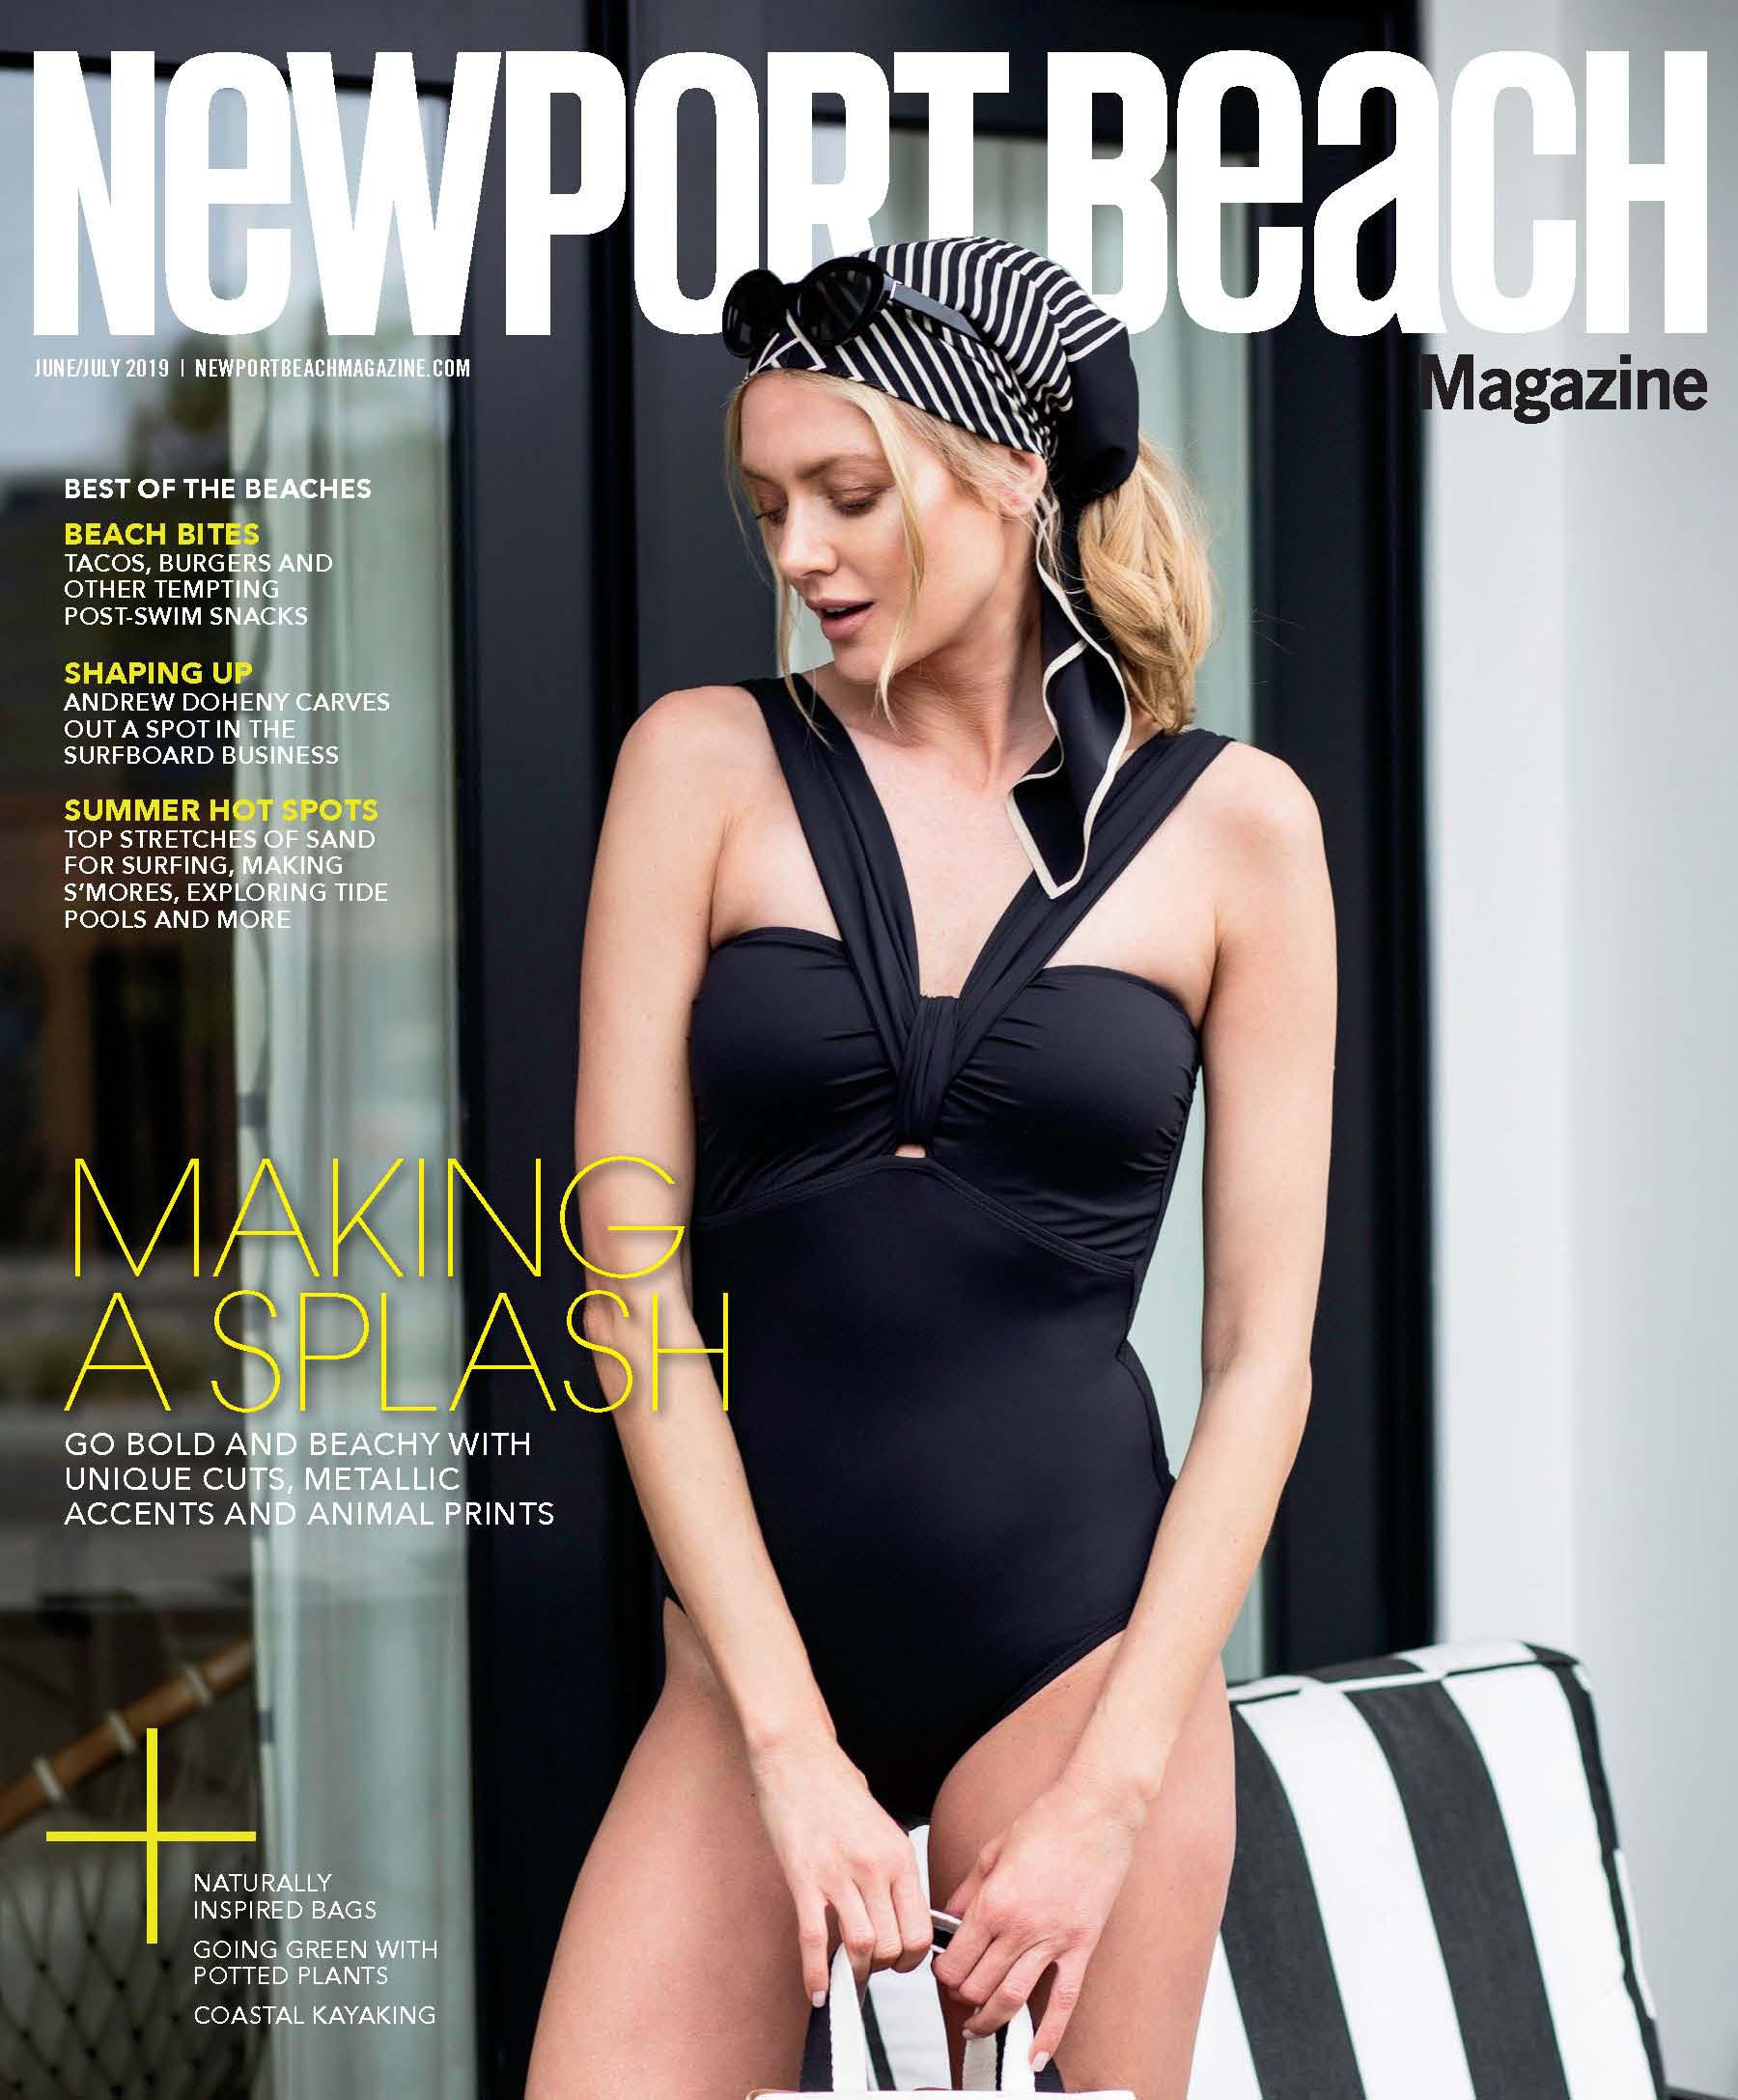 Newport Beach Magazine - June July Issue